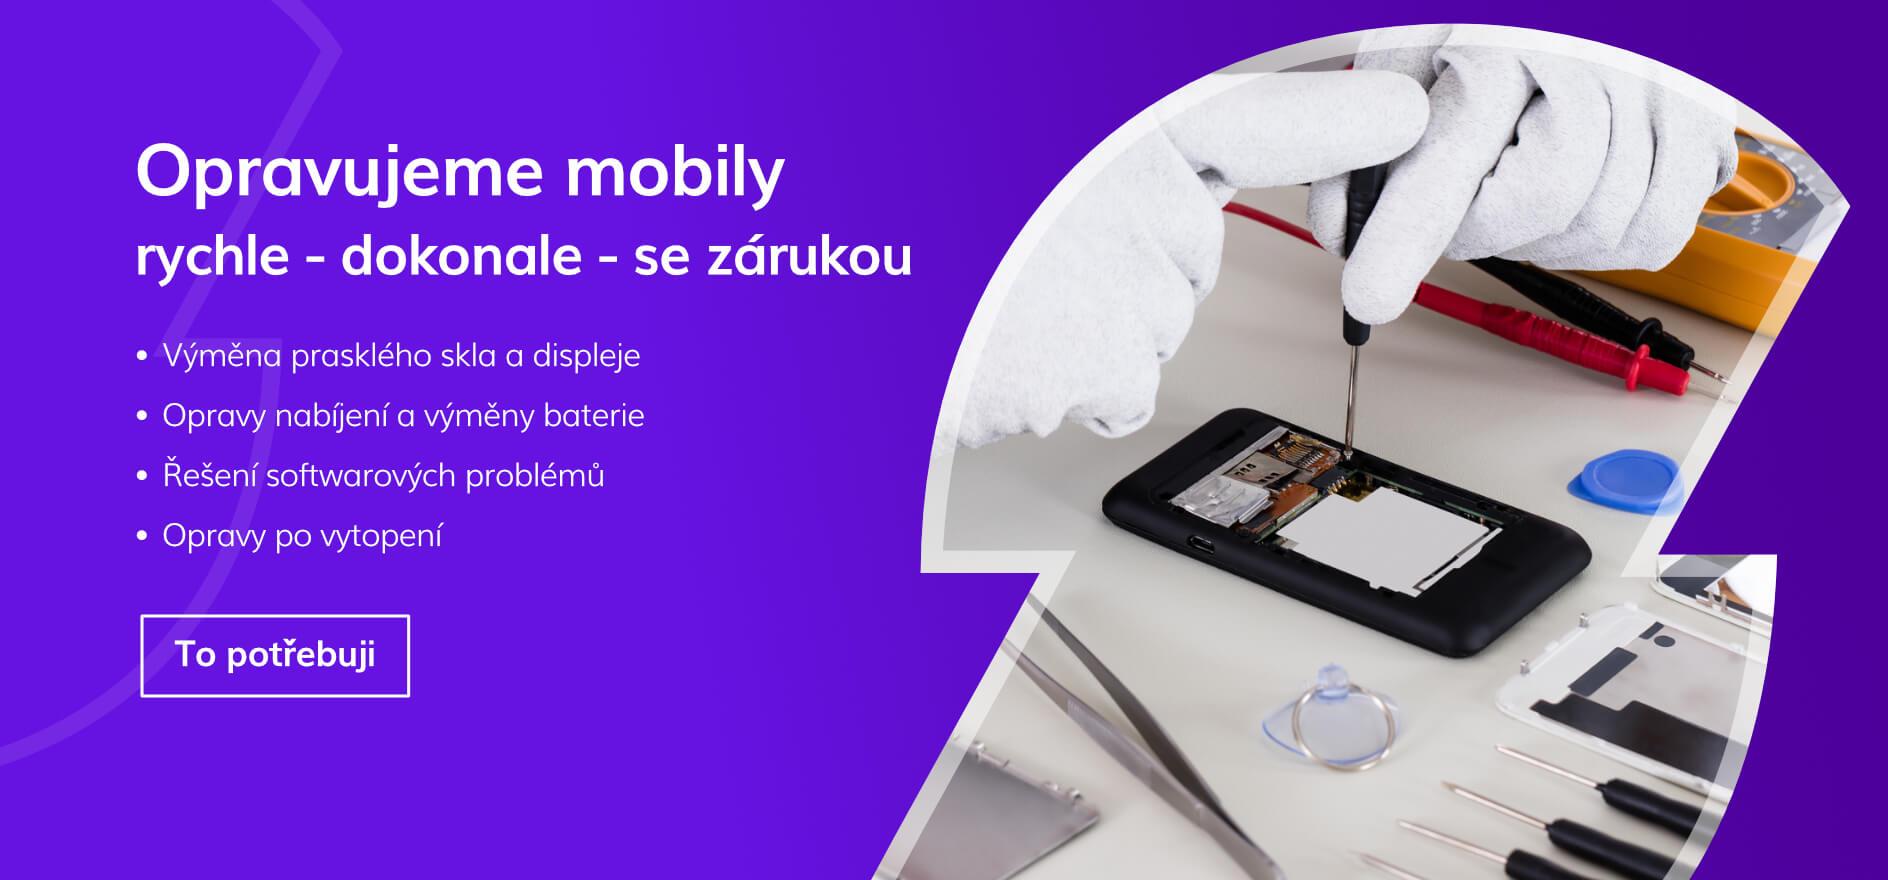 Opravujeme mobily - rychle, dokonale a se zárukou